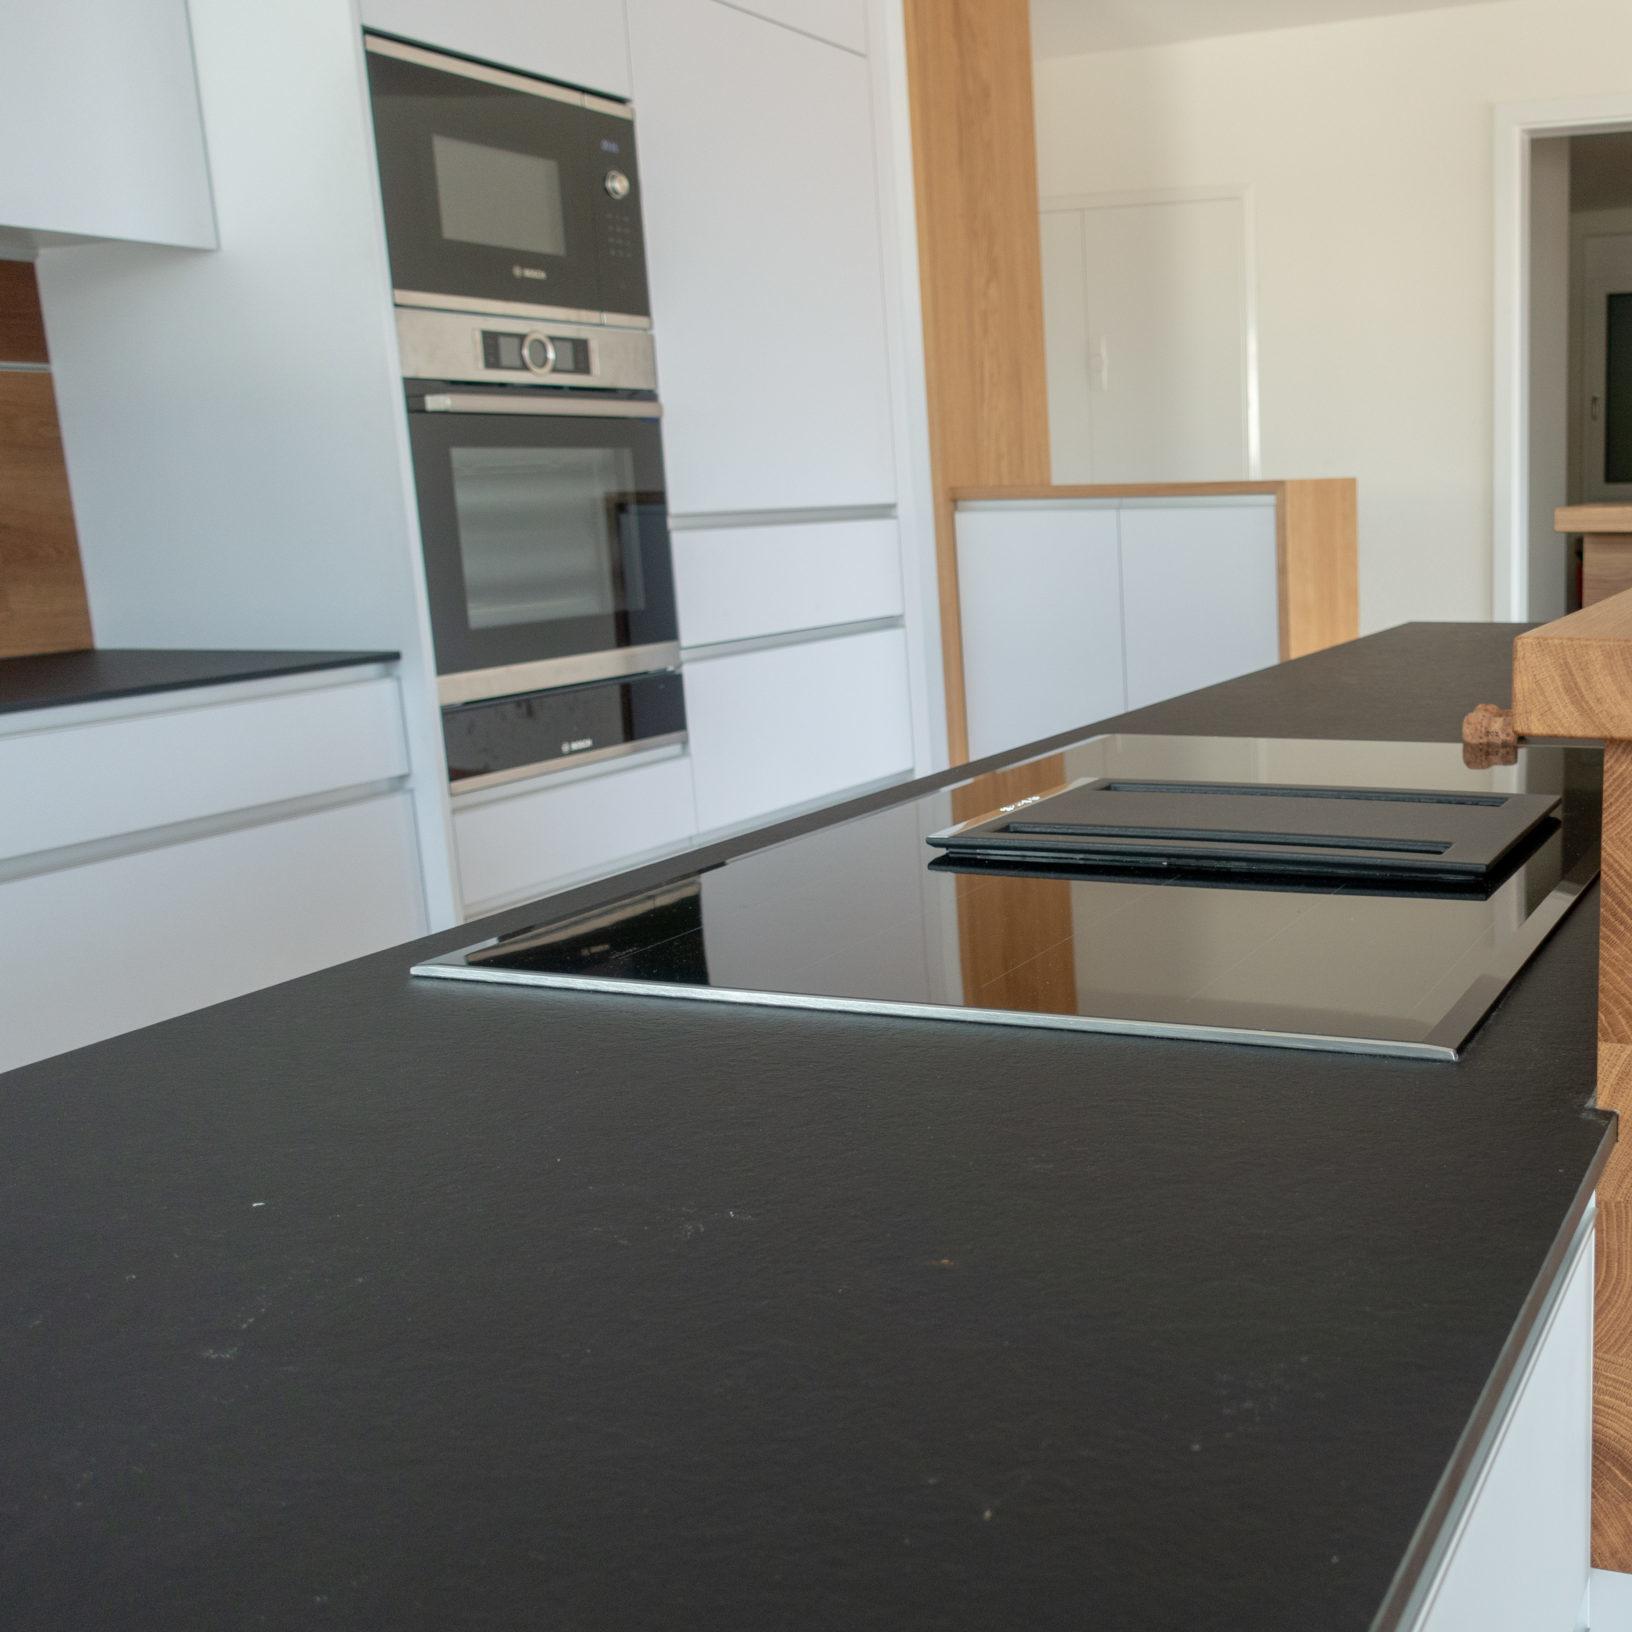 Bosch Kochfeld in der Küche